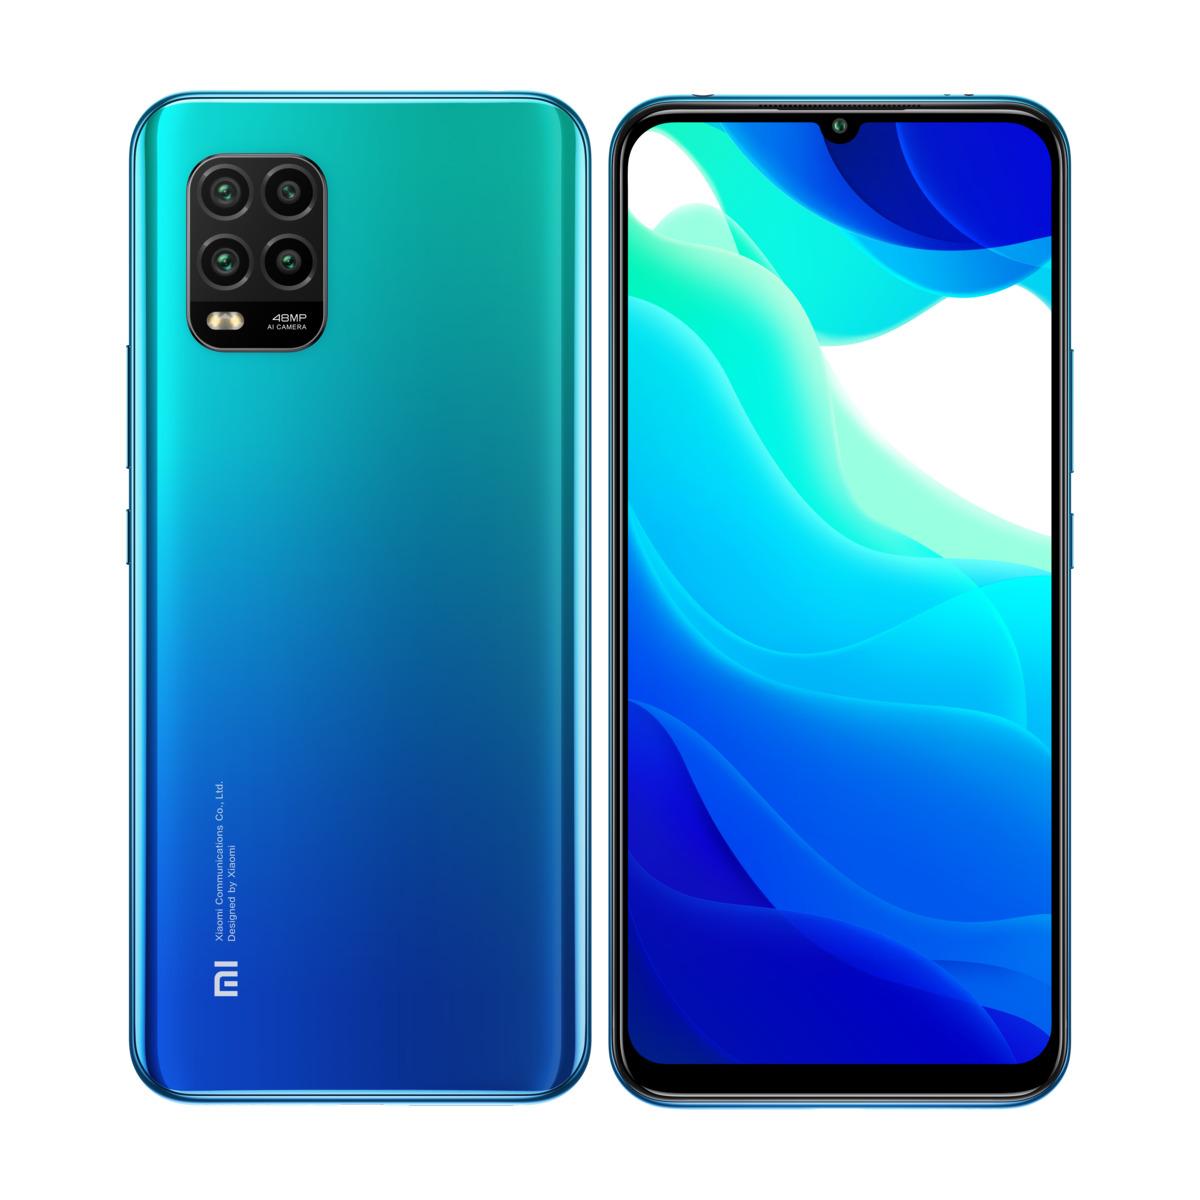 XIAOMI MI 10 LITE 128 GB 5G AURORA BLUE - Power.se